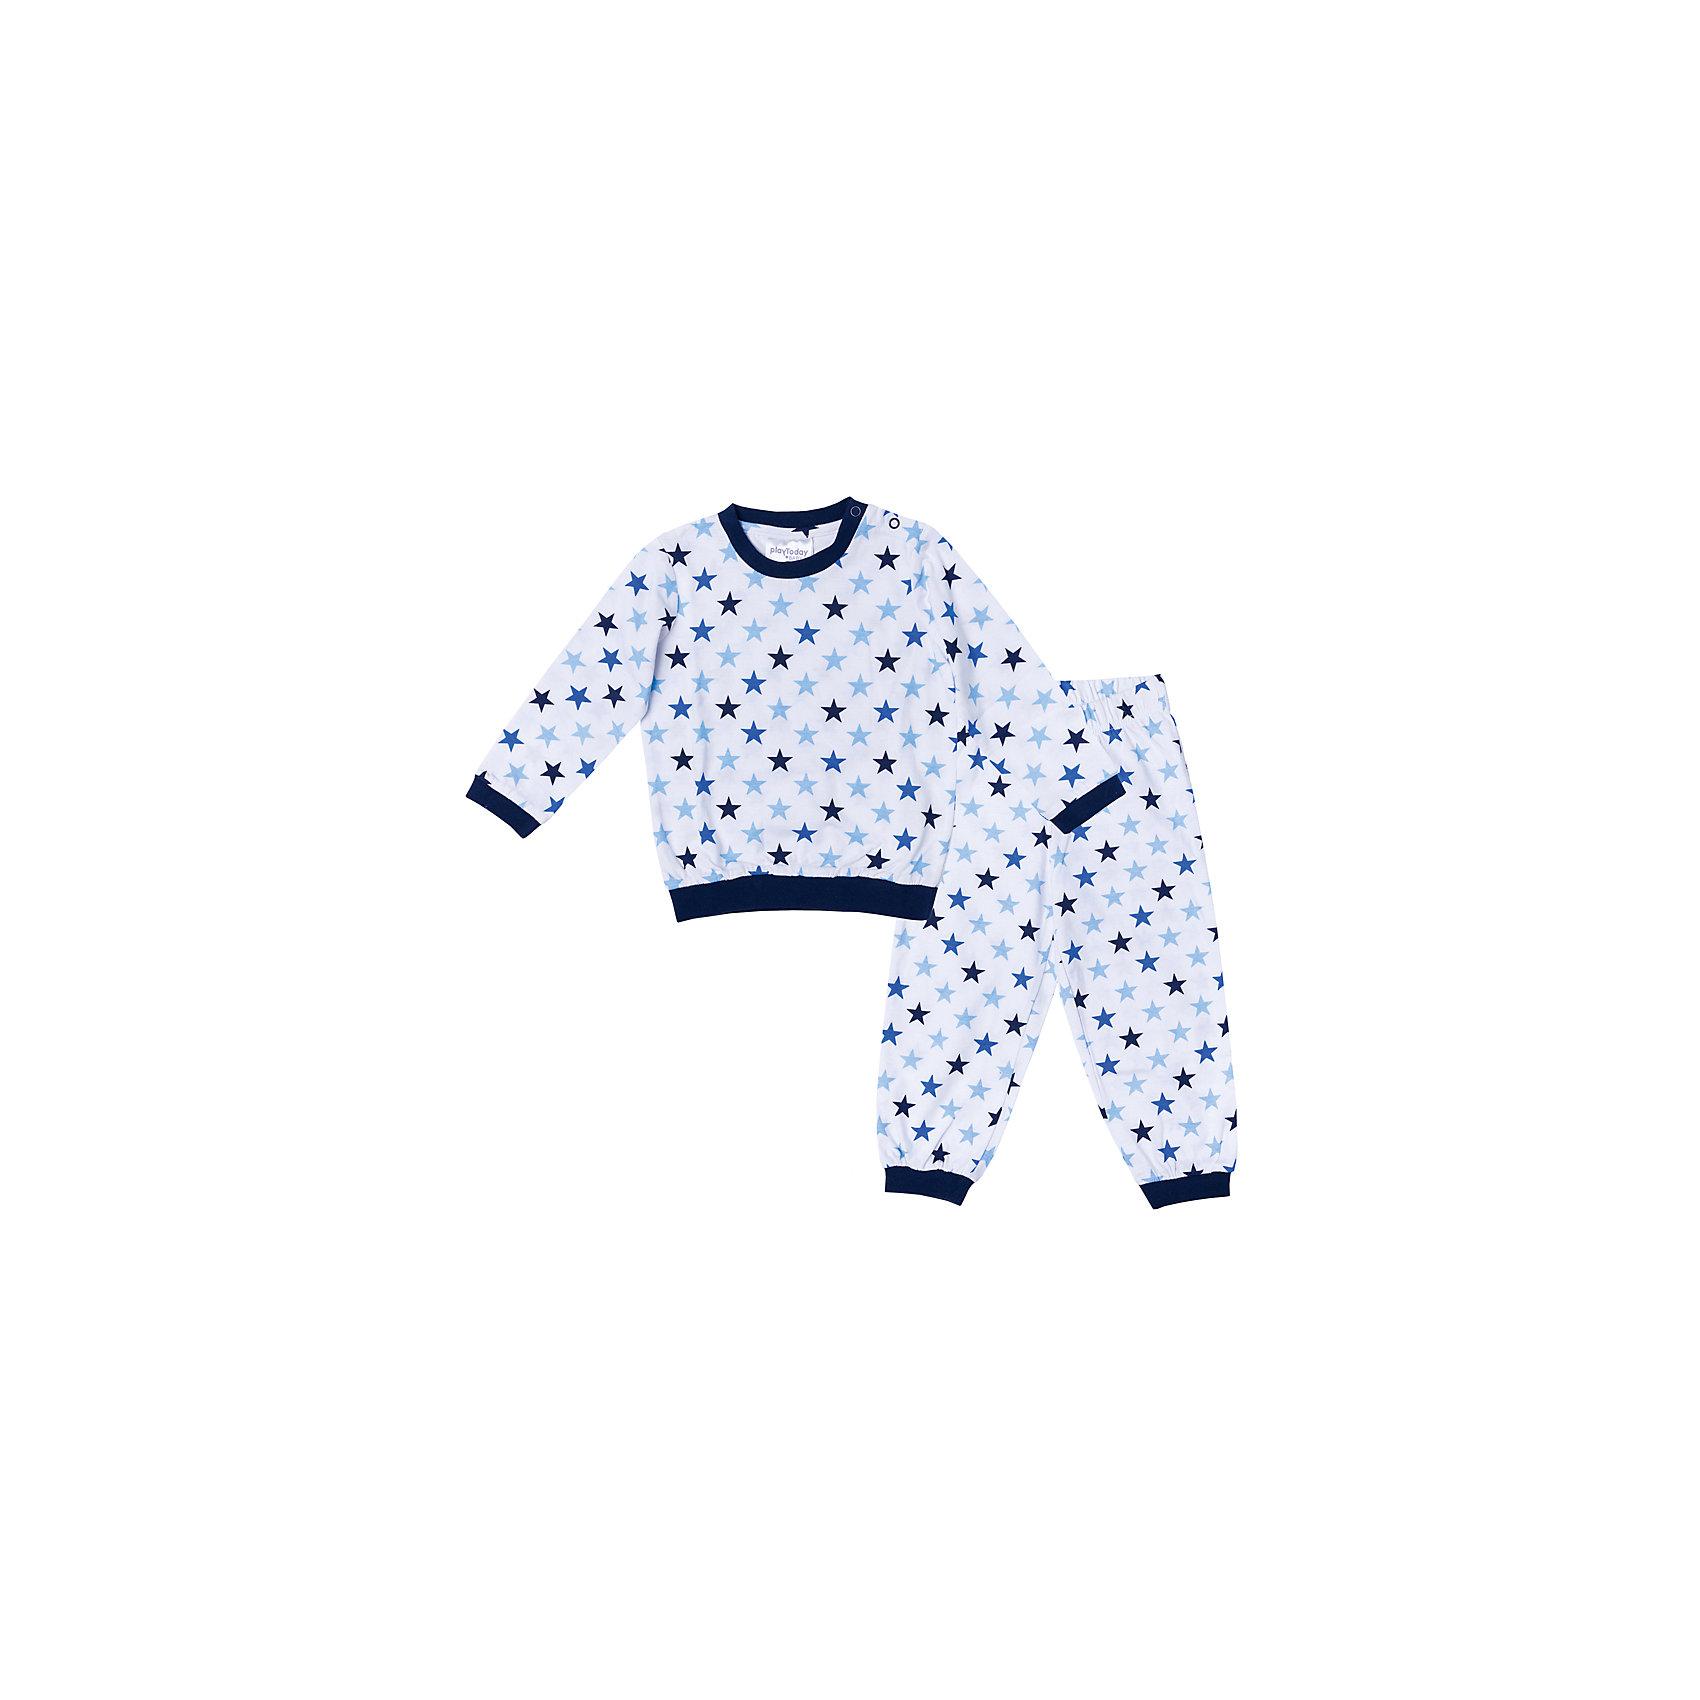 Пижама для мальчика PlayTodayПижамы и сорочки<br>Характеристики товара:<br><br>• цвет: синий, белый<br>• состав: 100% хлопок <br>• кнопки на плече<br>• манжеты на мягких резинках<br>• длинные рукава<br>• страна бренда: Германия<br>• страна производства: Китай<br><br>Пижама с рисунком для мальчика PlayToday. Мягкий, приятный к телу материал не сковывает движений. Брюки на мягкой удобной резинке. Низ брючин отделан мягкими резинками. Для удобства снимания и одевания на горловине расположены две застежки - кнопки.<br><br>Пижама для мальчика от известного бренда Scool можно купить в нашем интернет-магазине.<br><br>Ширина мм: 281<br>Глубина мм: 70<br>Высота мм: 188<br>Вес г: 295<br>Цвет: белый<br>Возраст от месяцев: 12<br>Возраст до месяцев: 15<br>Пол: Мужской<br>Возраст: Детский<br>Размер: 80,86,92,74<br>SKU: 5407789